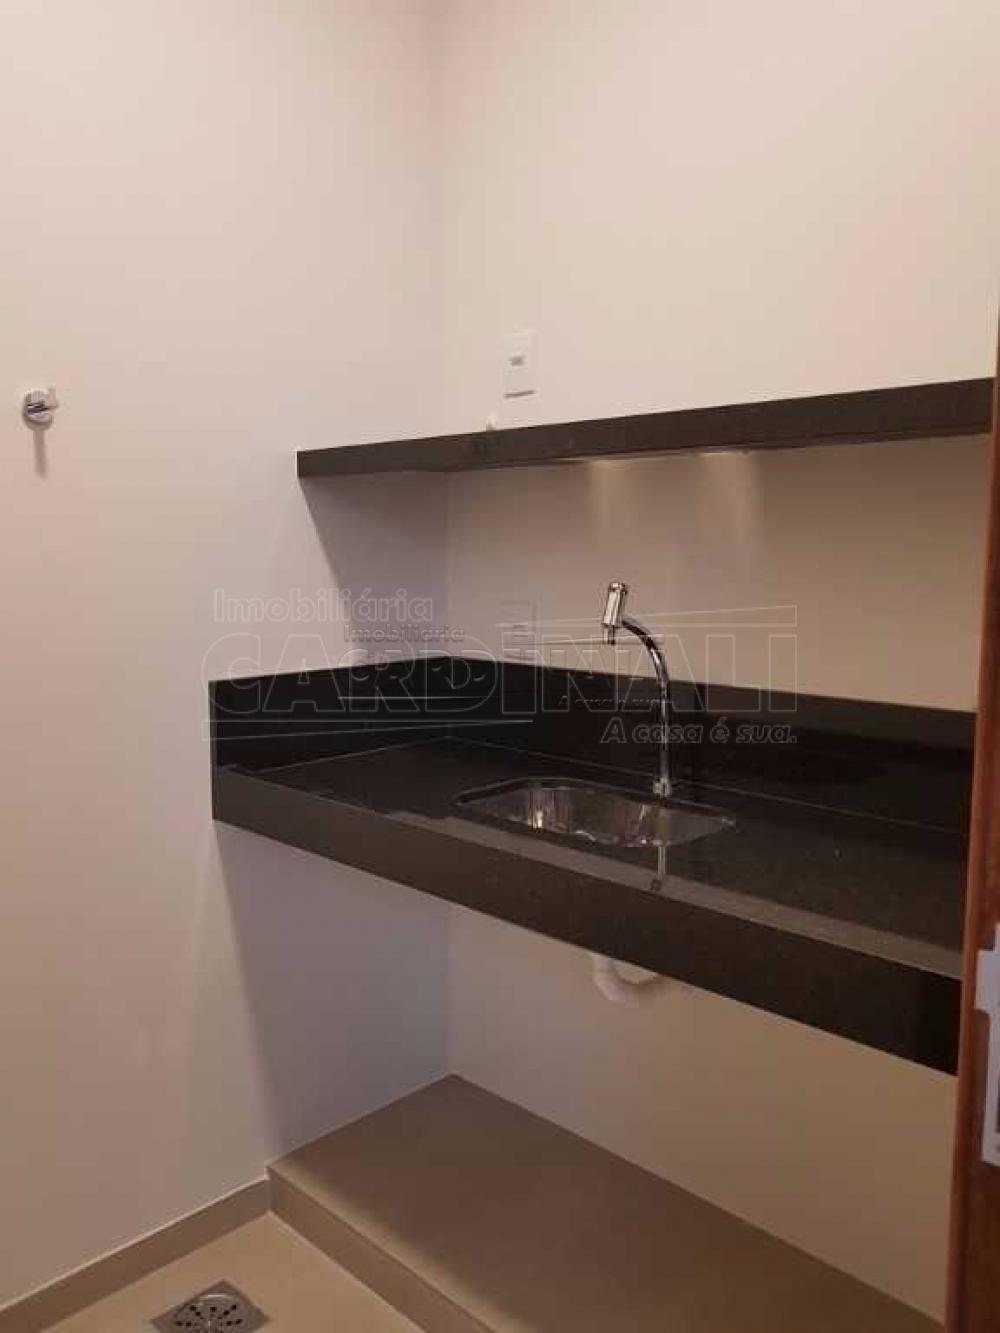 Alugar Comercial / Sala / Salão com Condomínio em São Carlos R$ 980,00 - Foto 9